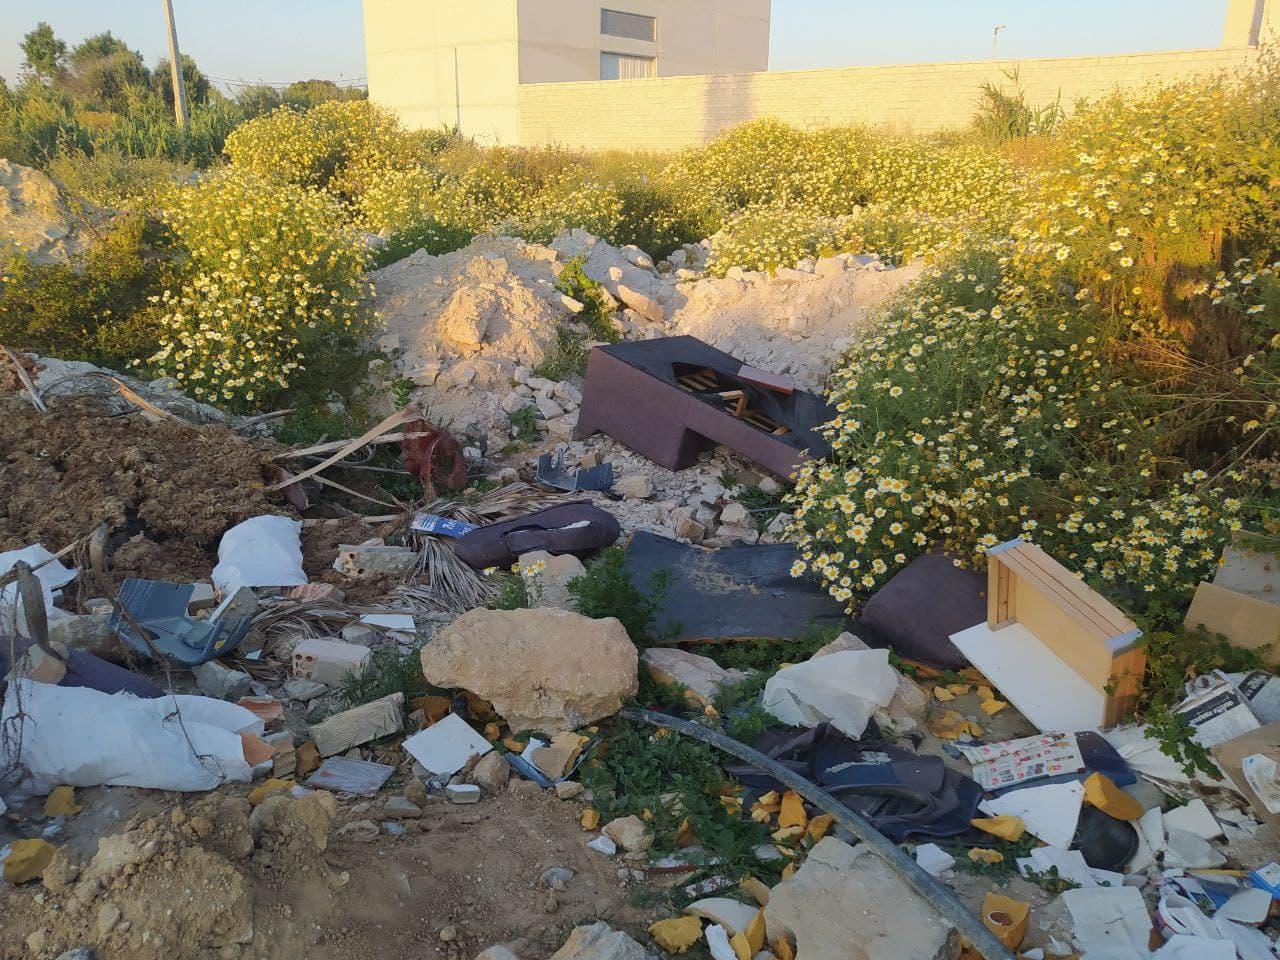 Podemos pide una campaña sobre la recogida de residuos y el reciclaje